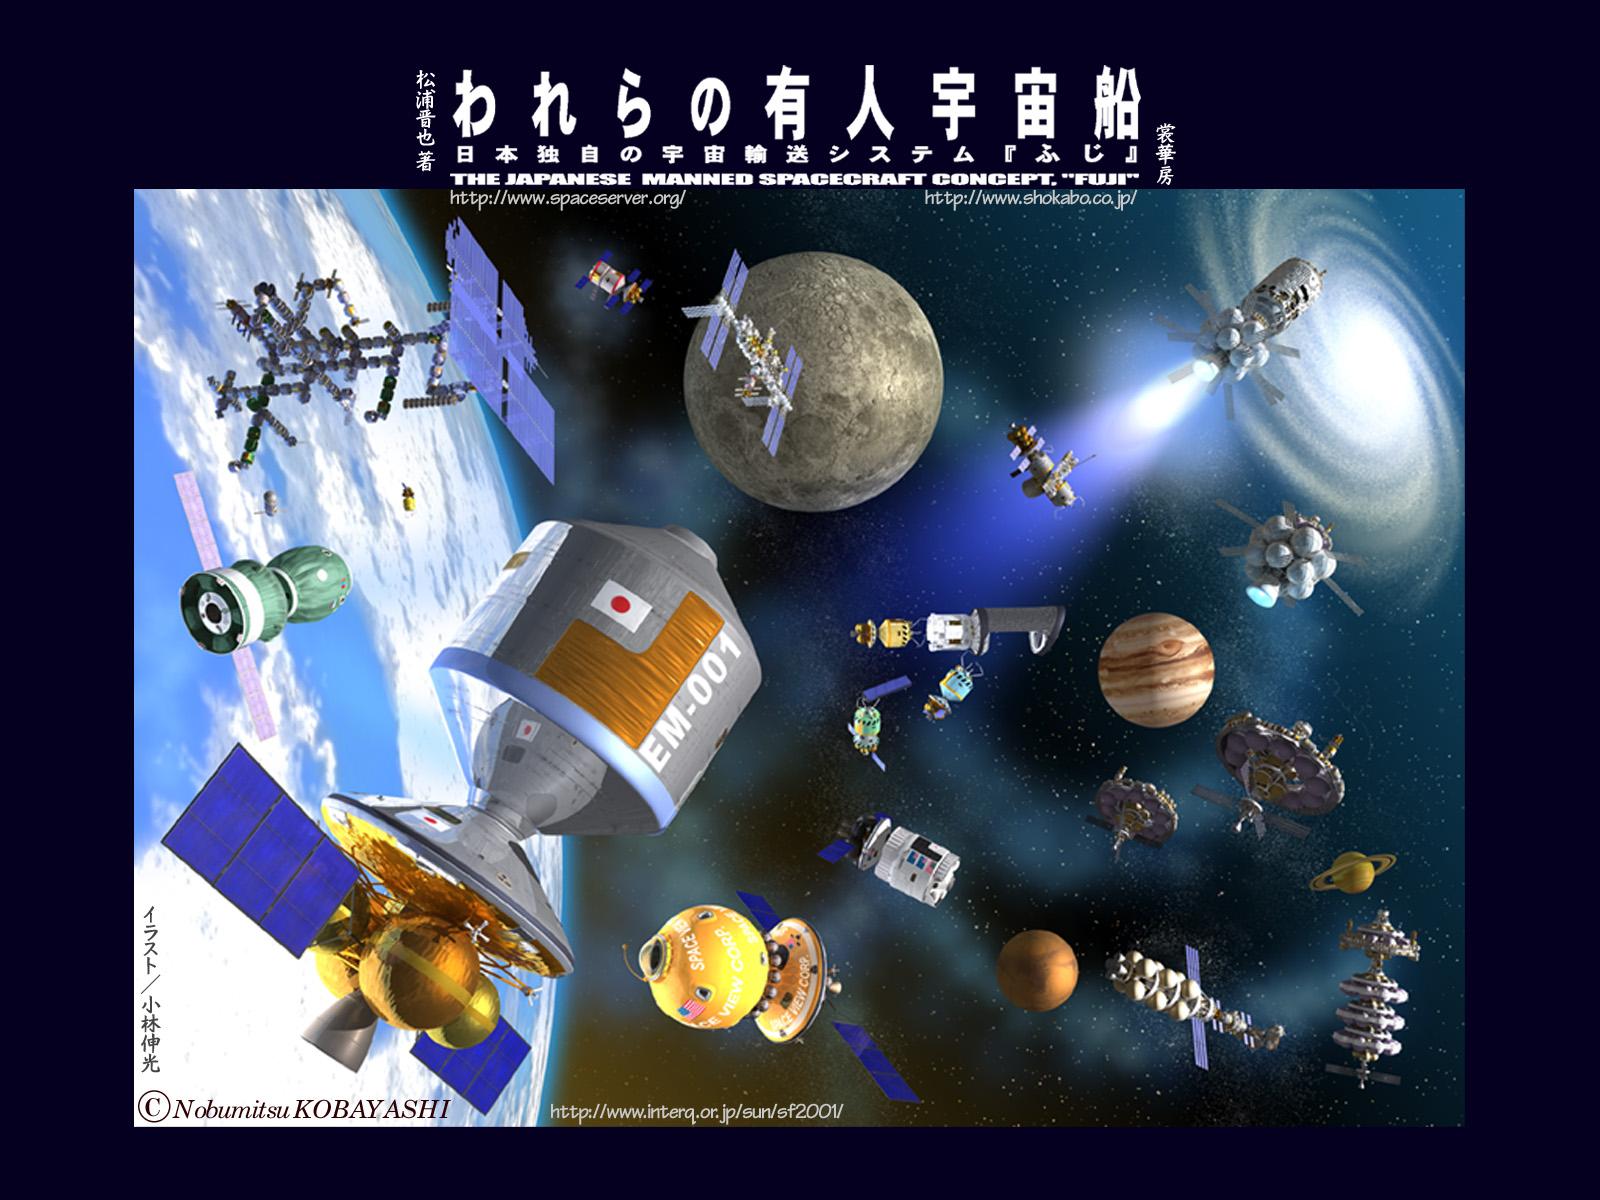 われらの有人宇宙船 刊行記念 ふじ 壁紙集 裳華房 Wallpapers Desktops Images Of Fuji